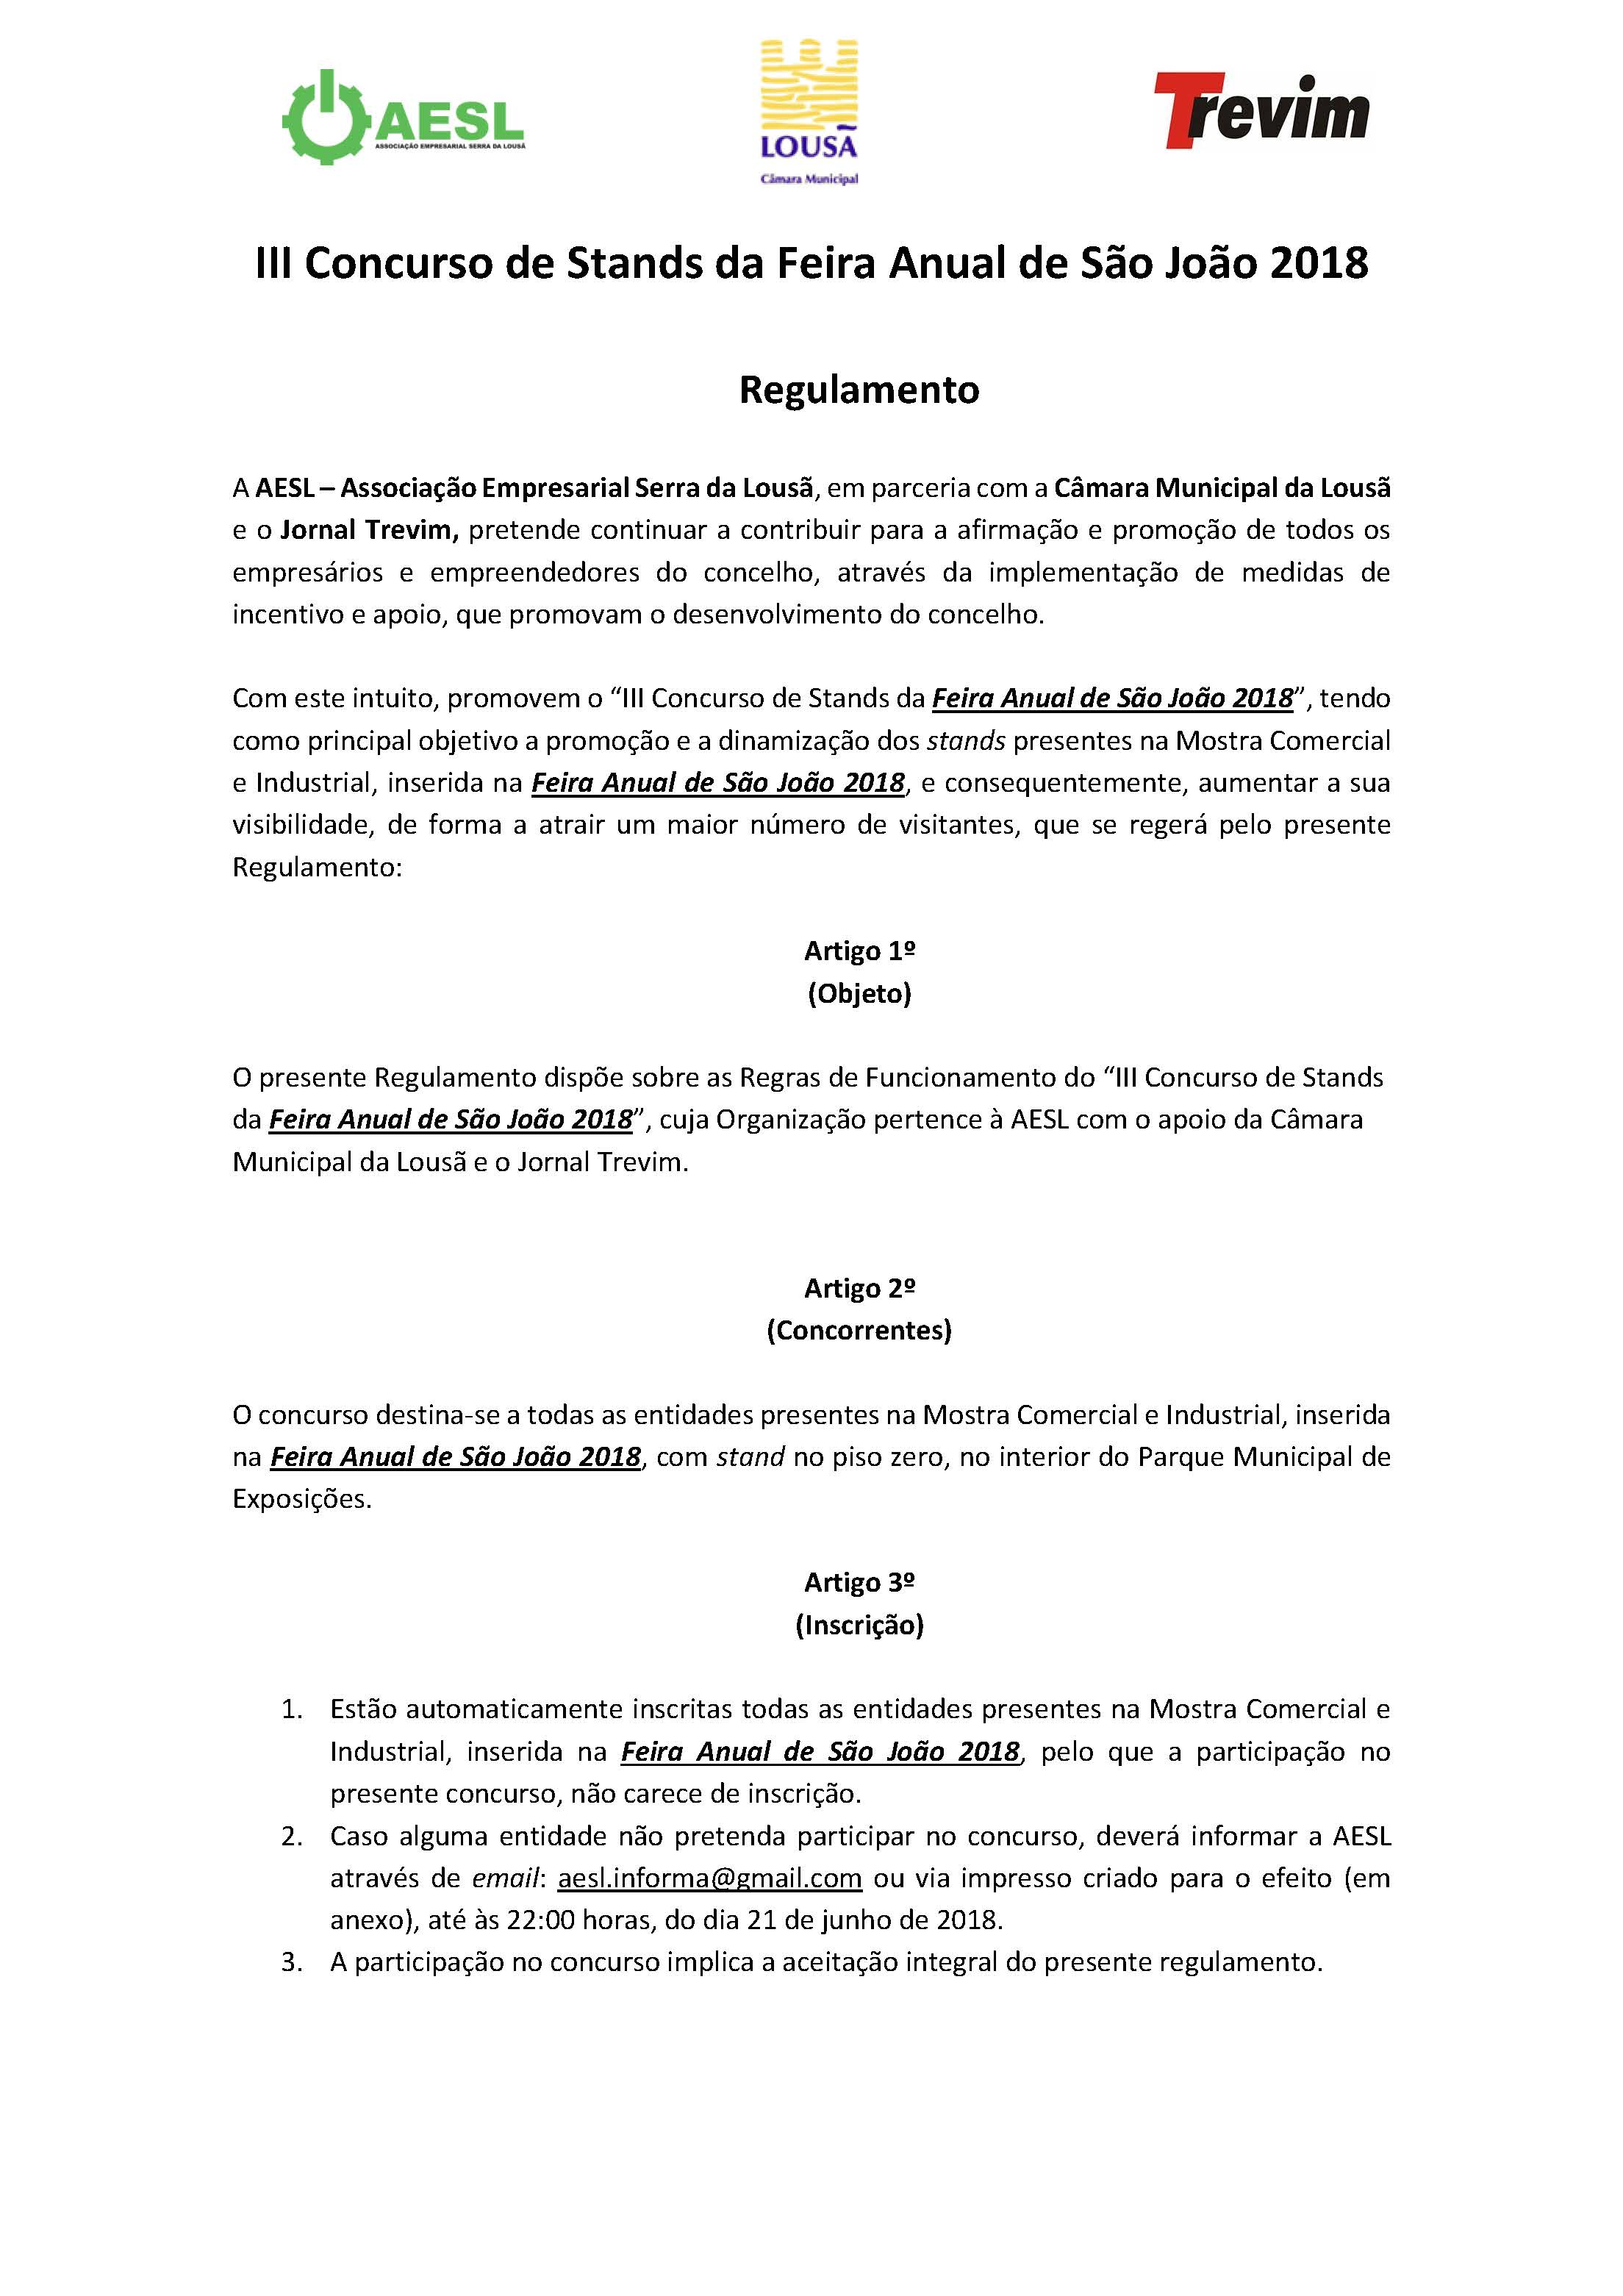 Regulamento - III Concurso de Stands da Feira Anual de São João 2018_Página_1